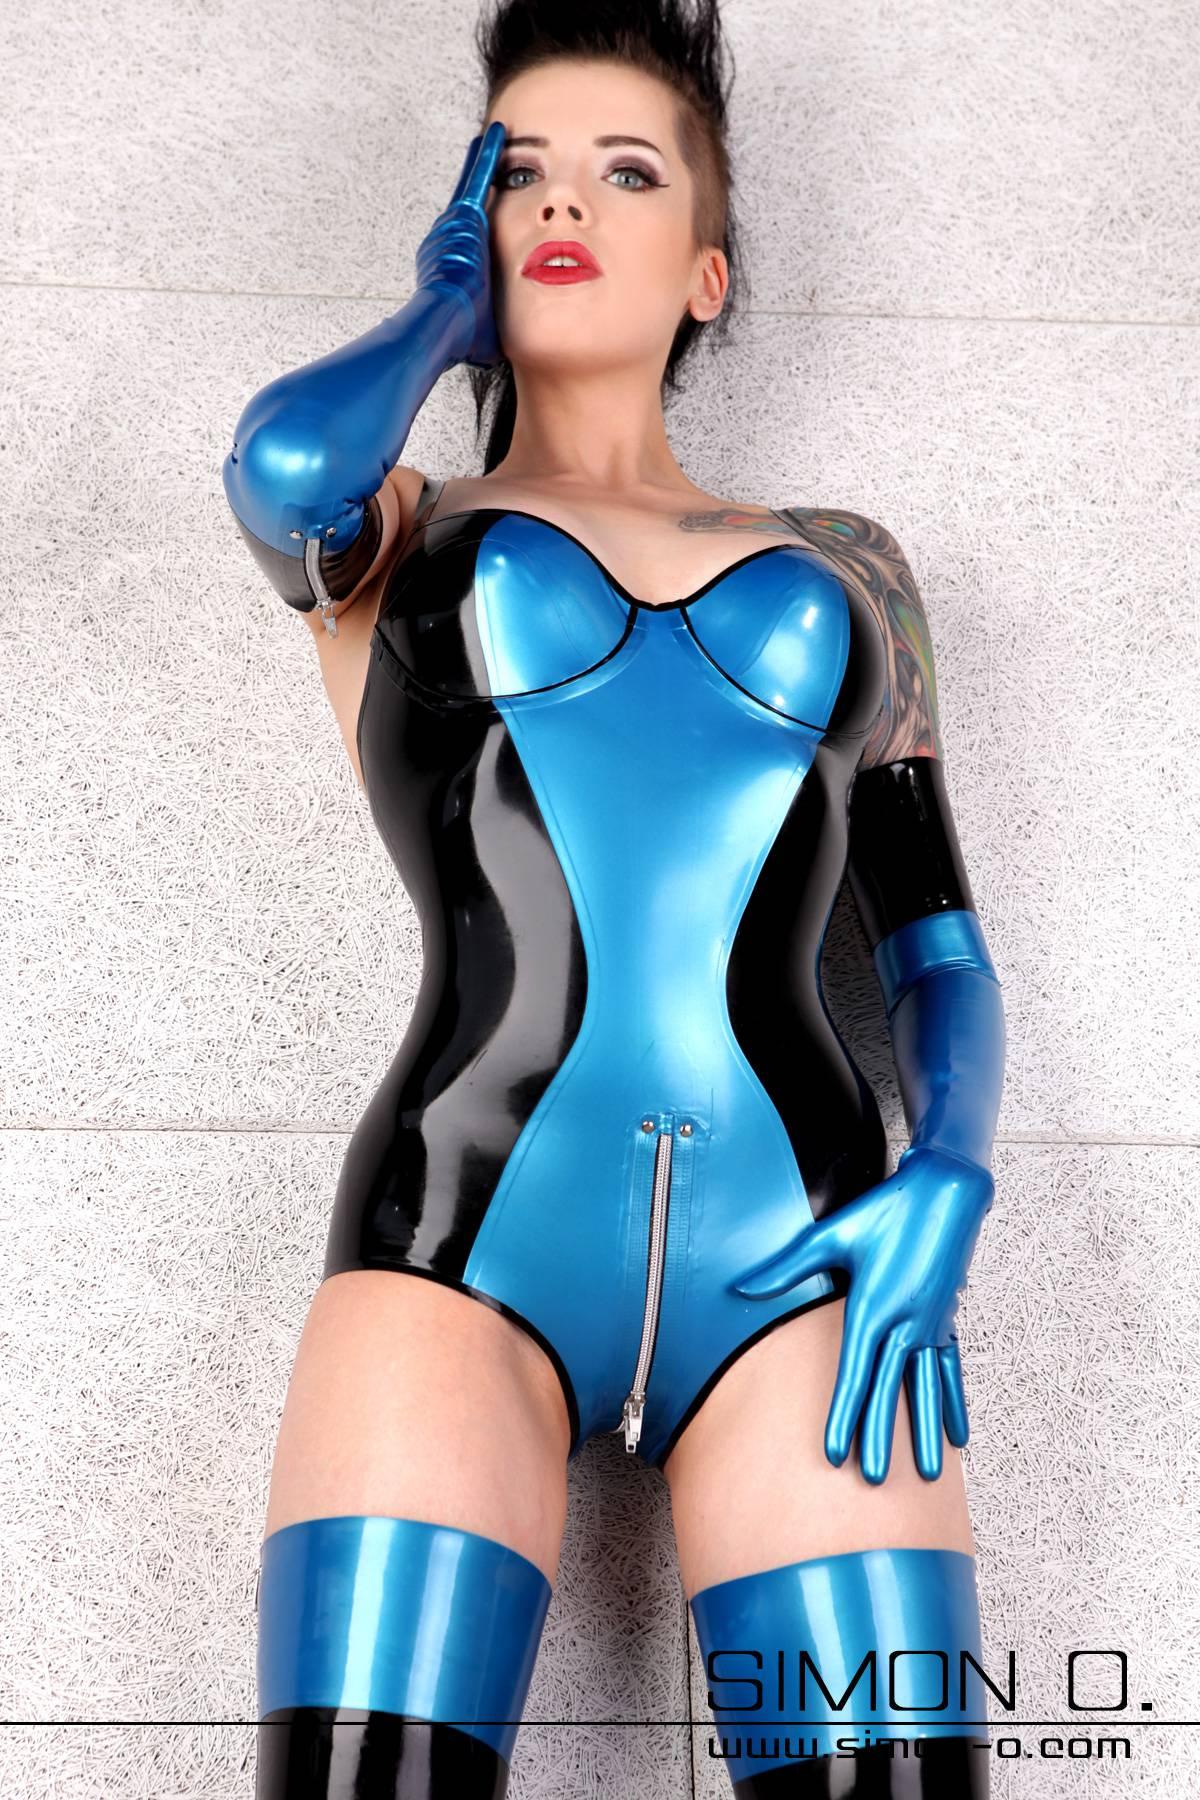 Ein Model trägt einen Latex Body mit Cups und Zipp im Schritt in Blau mit Schwarz kombiniert. dazu trägt sie noch Latex Strümpfe und Handschuhe in der gleichen Farbkombination